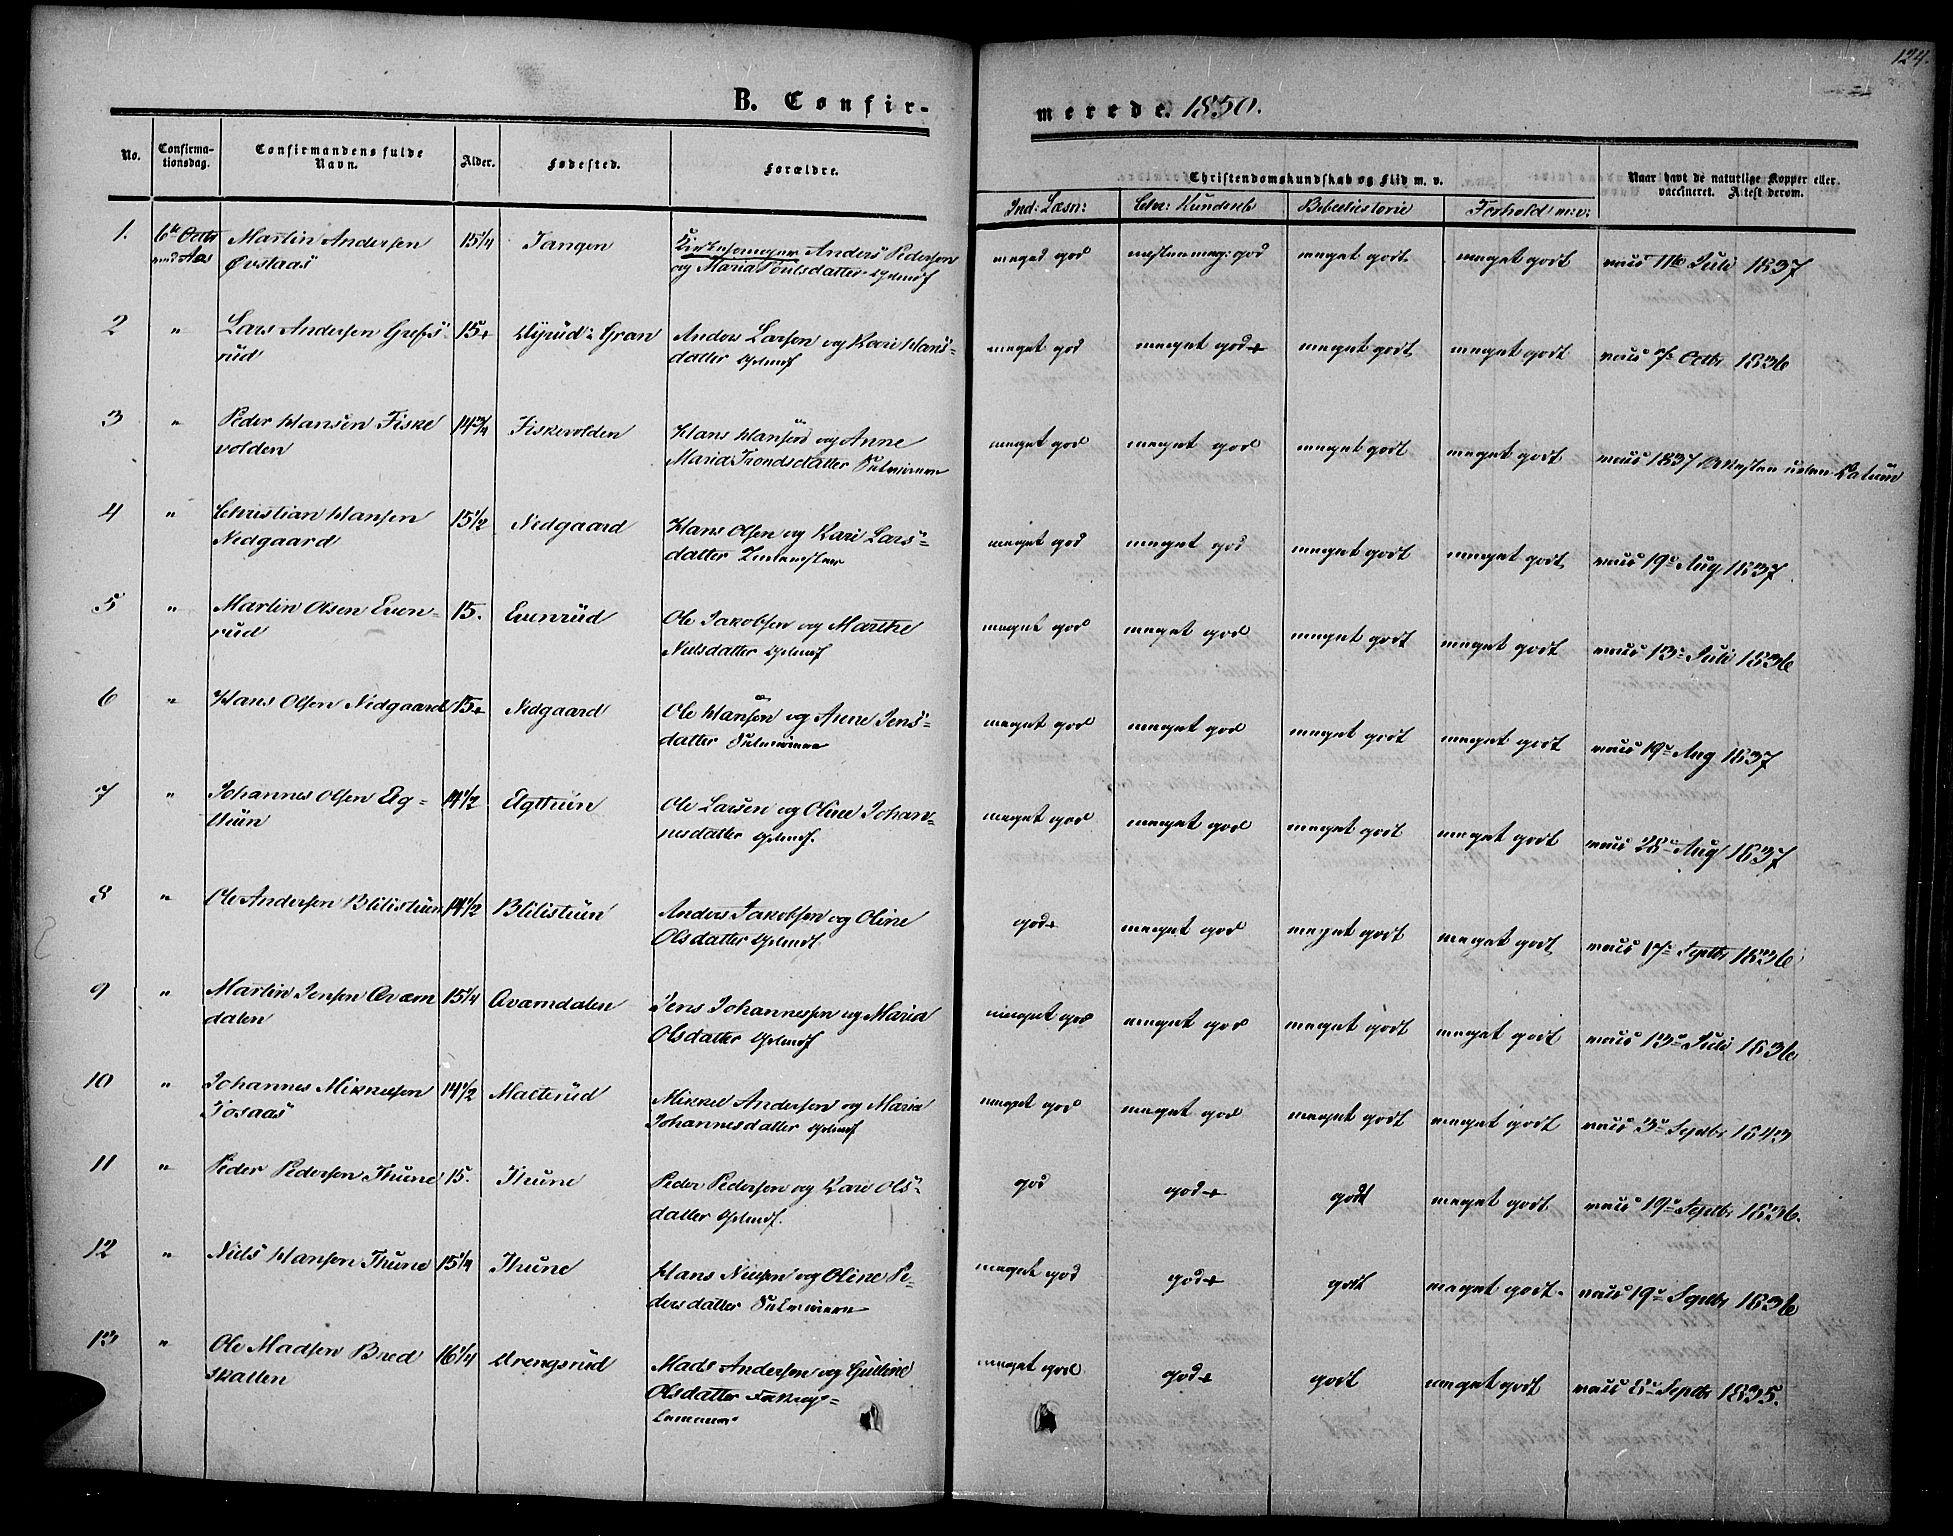 SAH, Vestre Toten prestekontor, Ministerialbok nr. 5, 1850-1855, s. 124